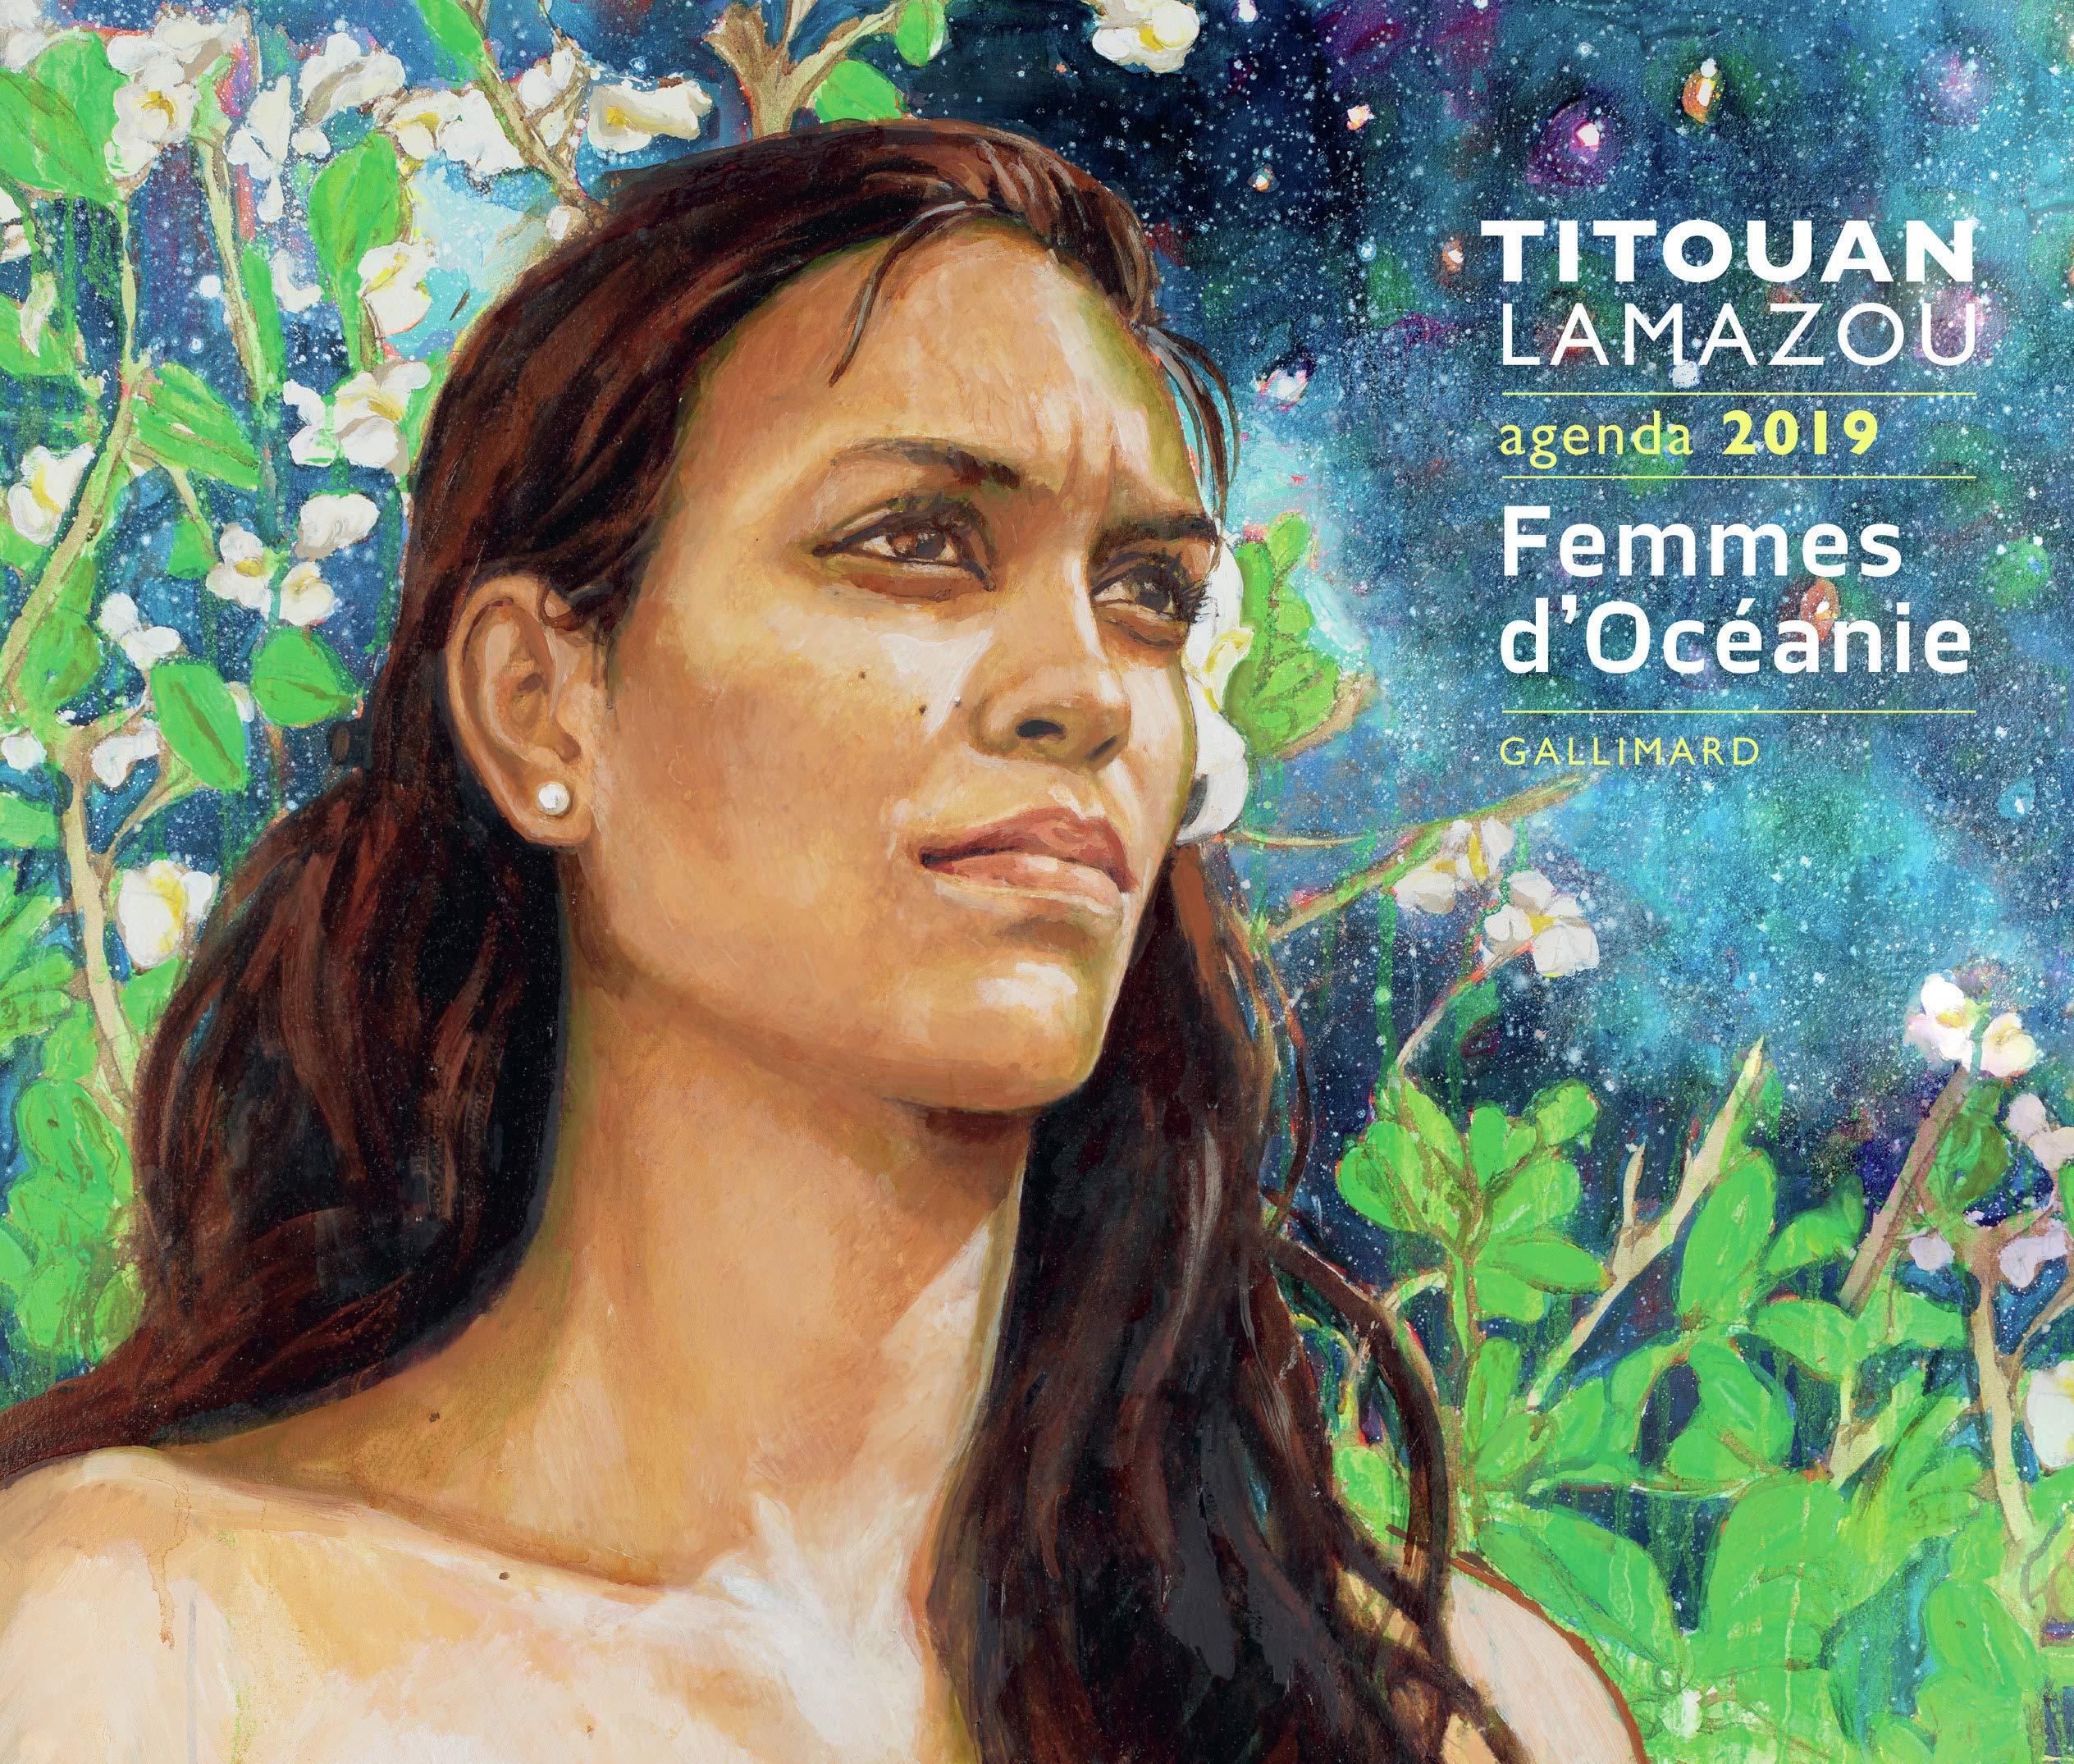 Agenda Titouan Lamazou : Femmes d'Océanie Broché – 6 septembre 2018 Gallimard Loisirs 2742455795 Agendas Agendas adulte